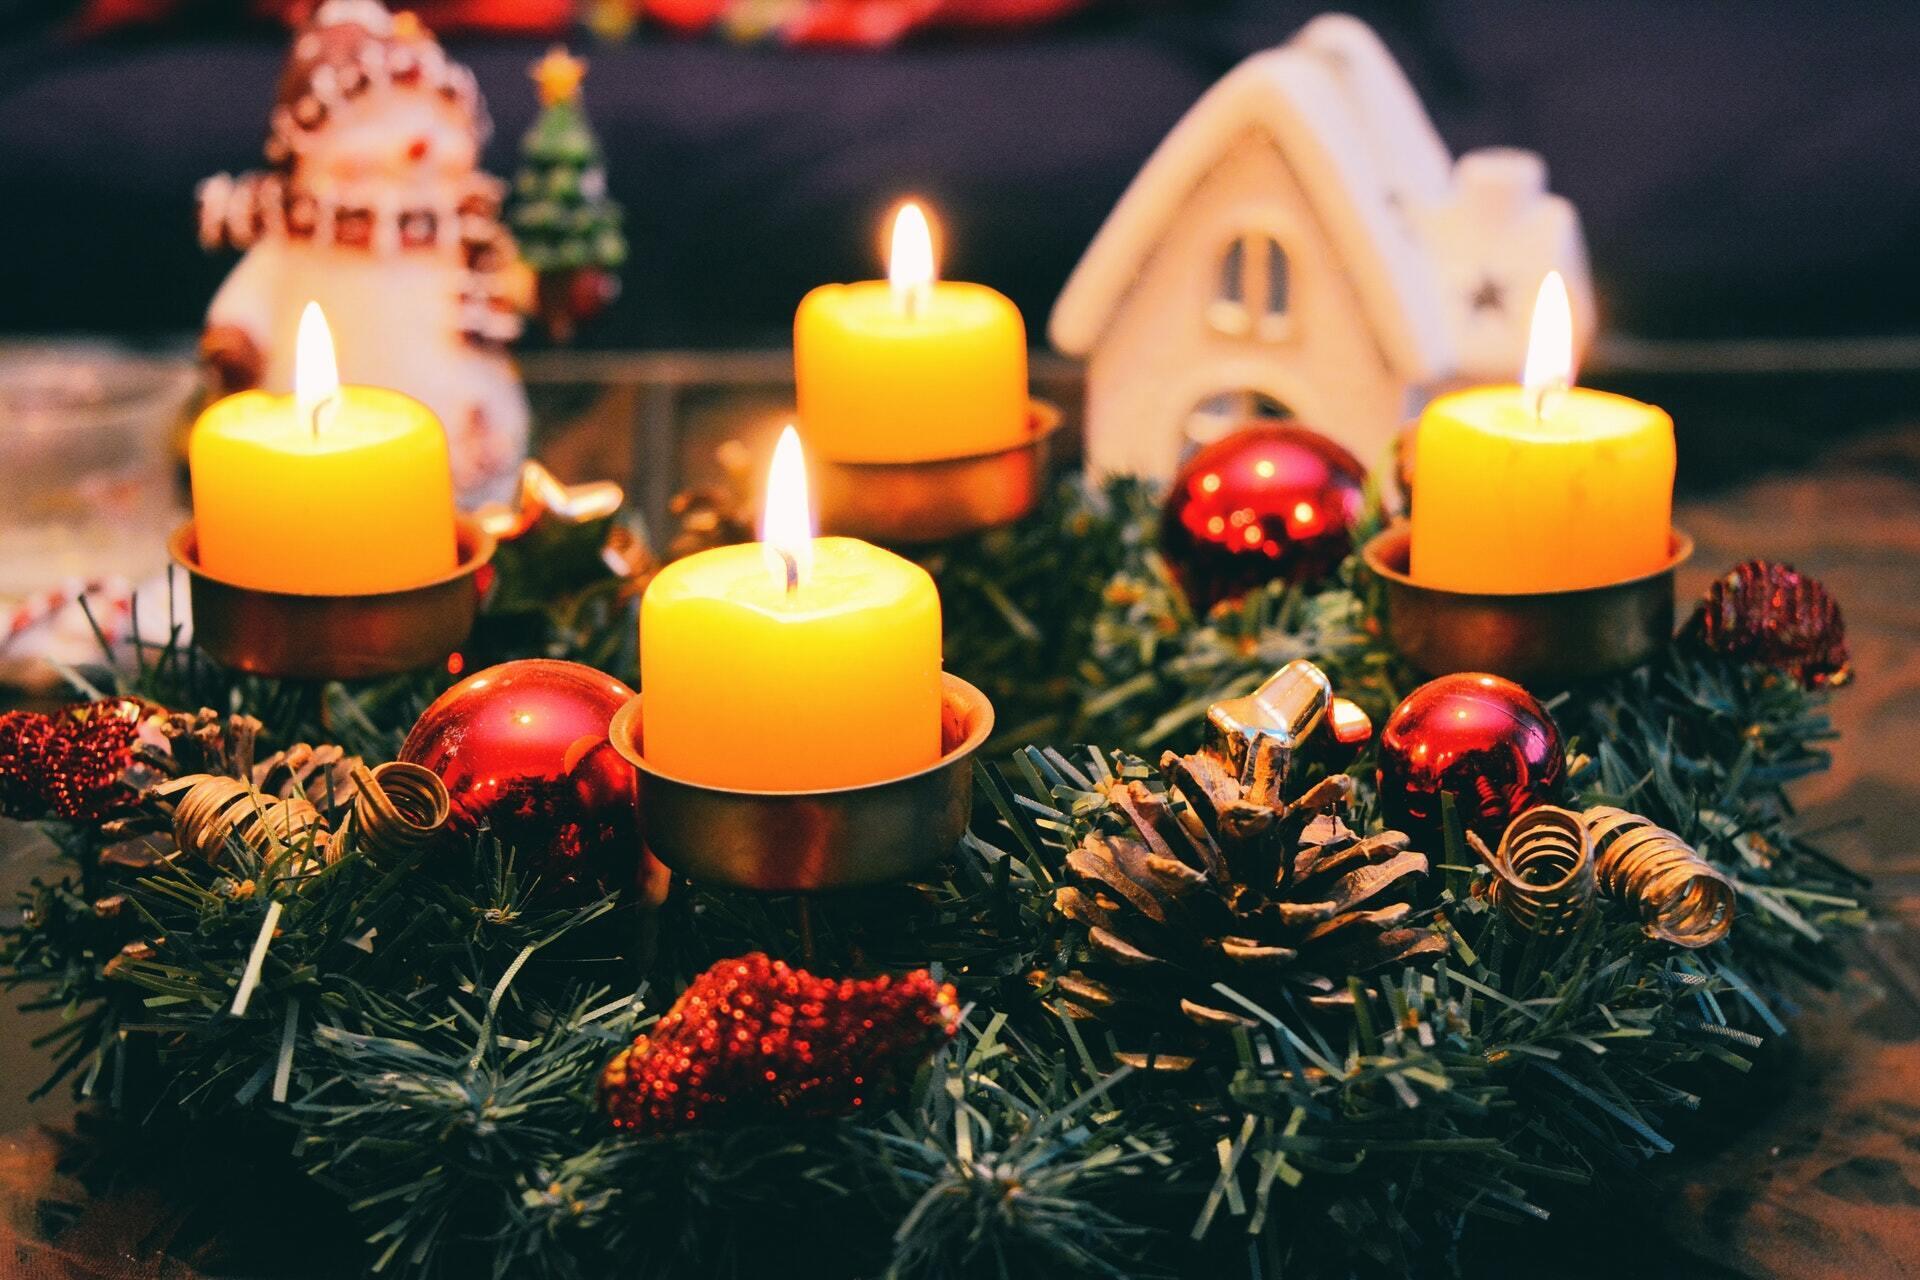 Після вечері 24 грудня католики вирушають до церкви на урочисту месу